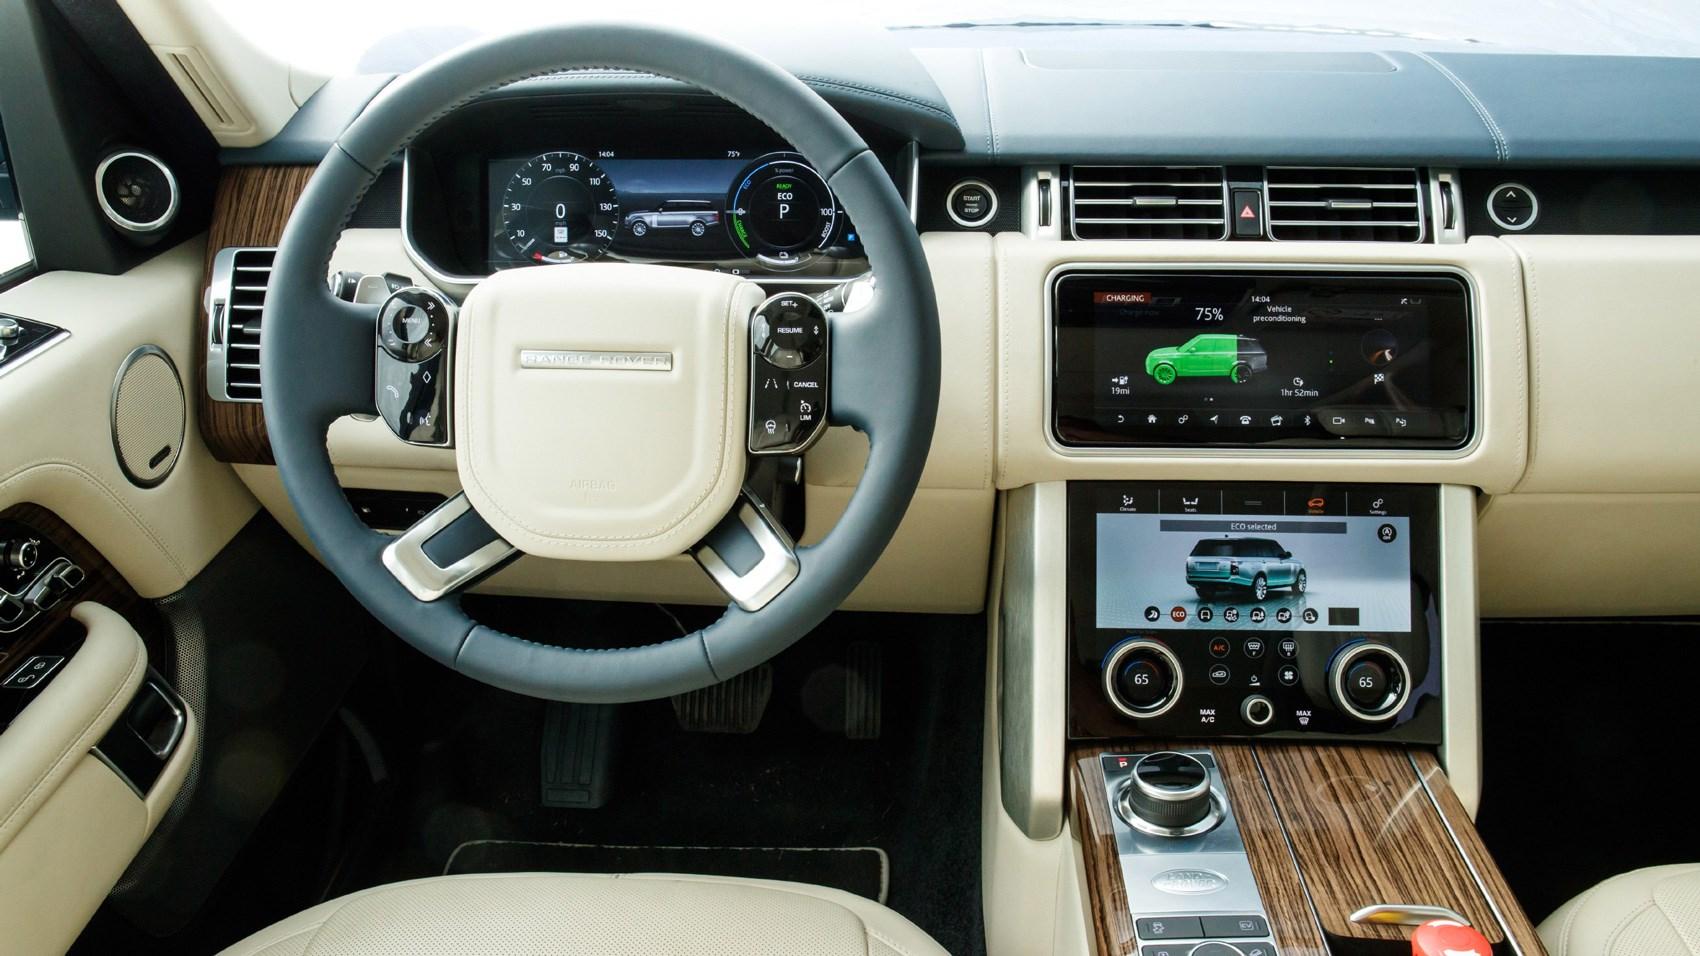 range rover панель управления